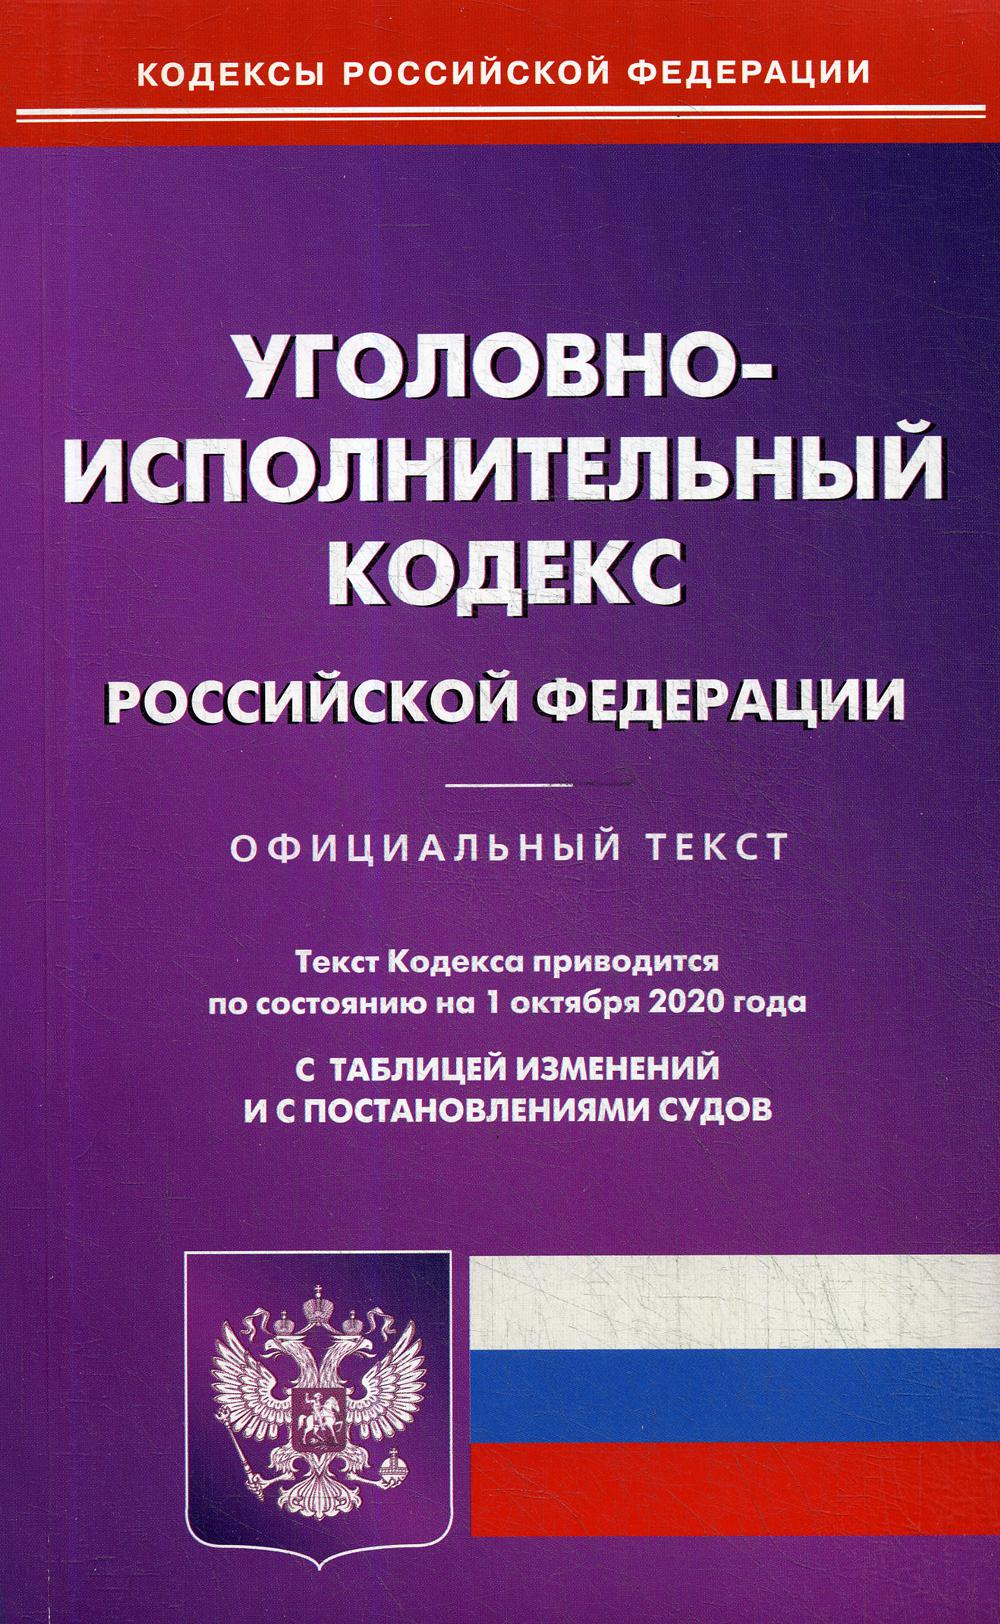 Уголовно-исполнительный кодекс РФ на 01.10.2020